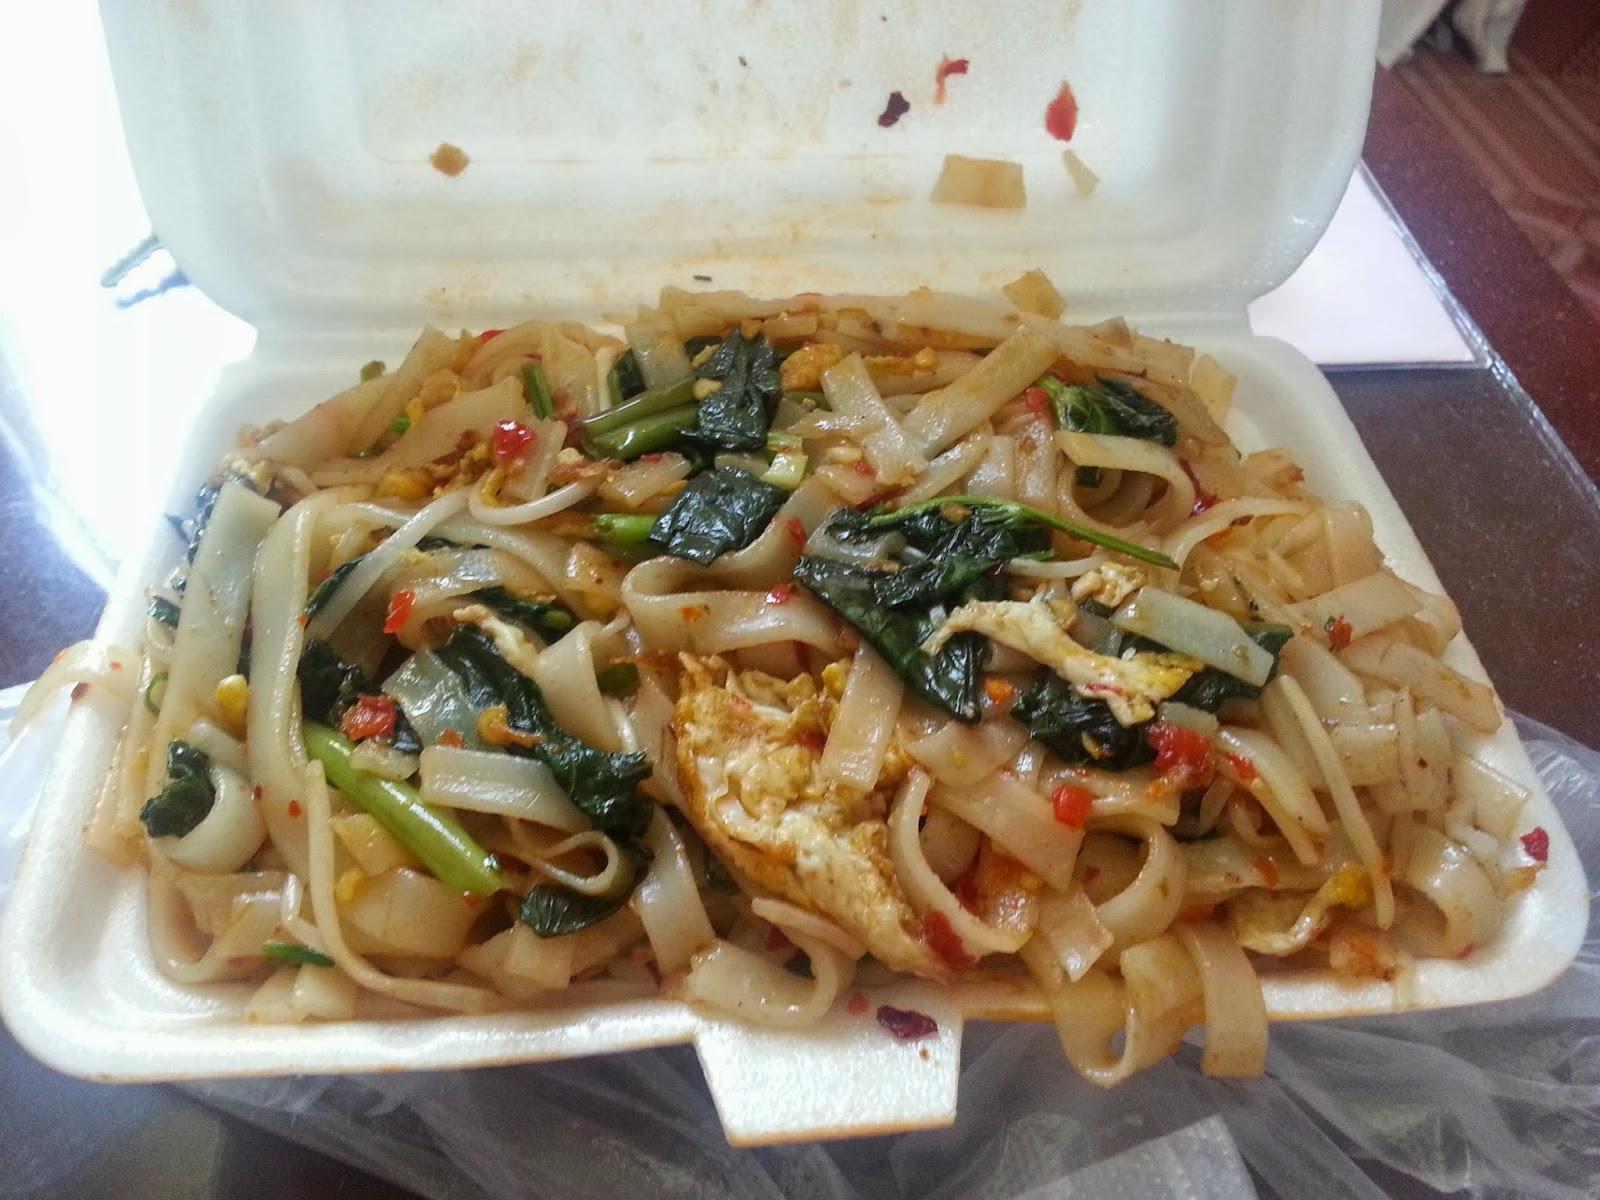 铁板烧 Chinese-styled teppanyaki noodles